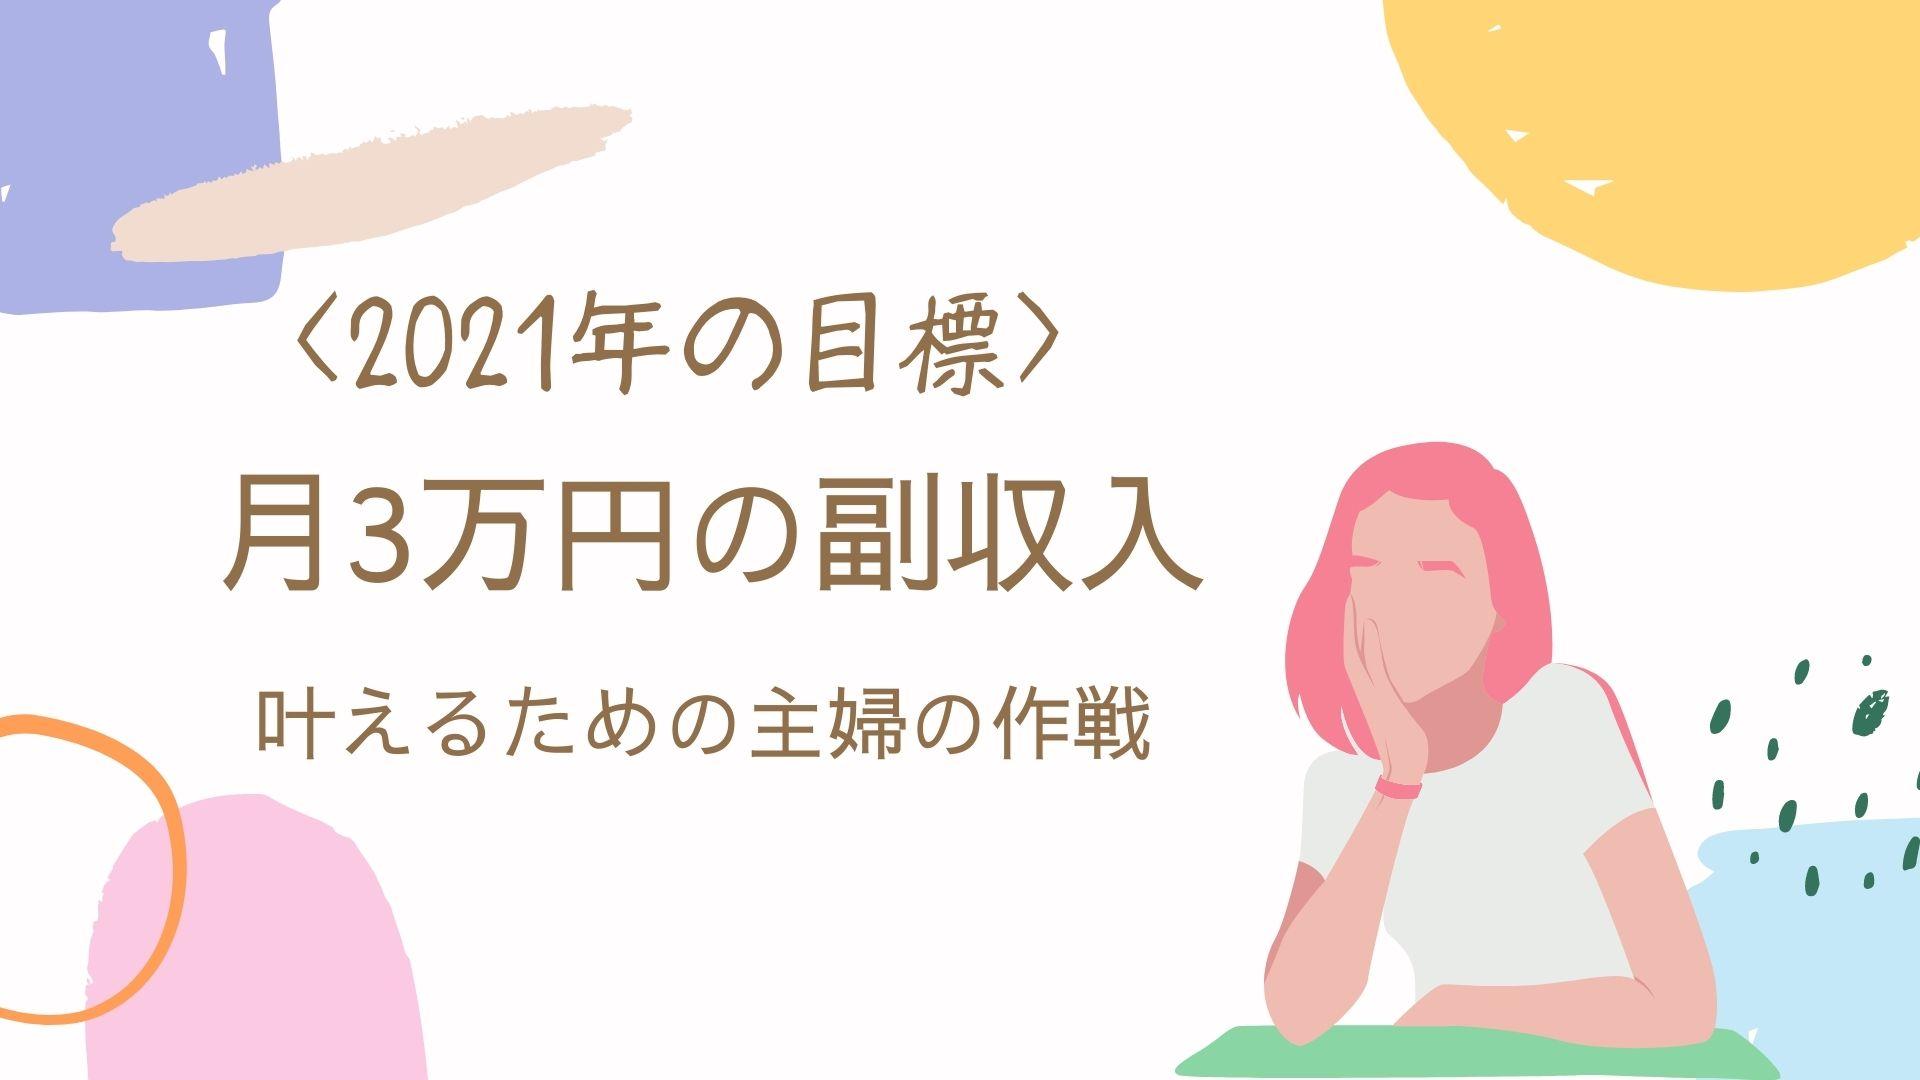 主婦必見。2021年主婦が月3万円の副収入を得るために立てた目標